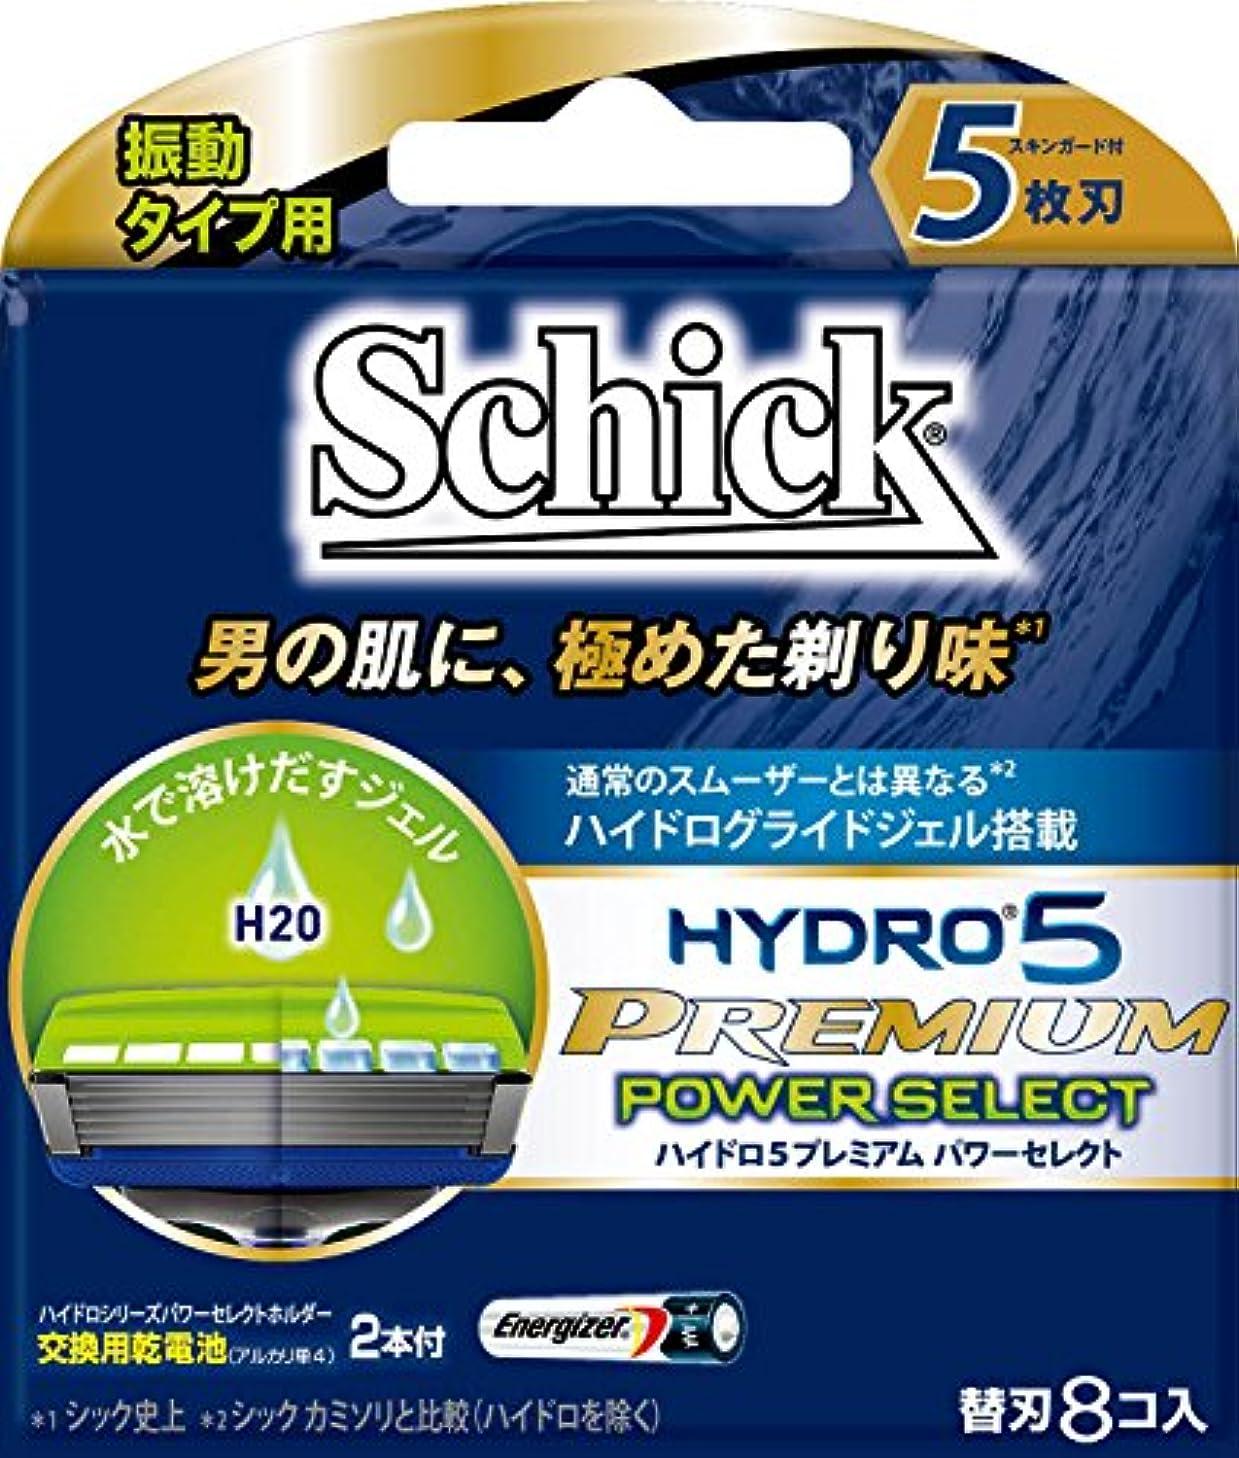 太字一見土器シック Schick 5枚刃 ハイドロ5 プレミアム 替刃 8コ入 アルカリAAA単4乾電池2本付 男性カミソリ